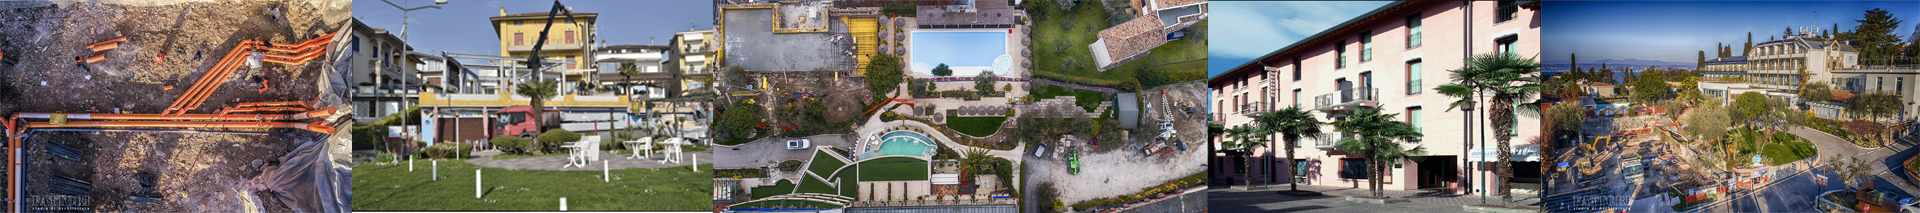 studio_di_architettura_fattori_fausto_bar_hotel